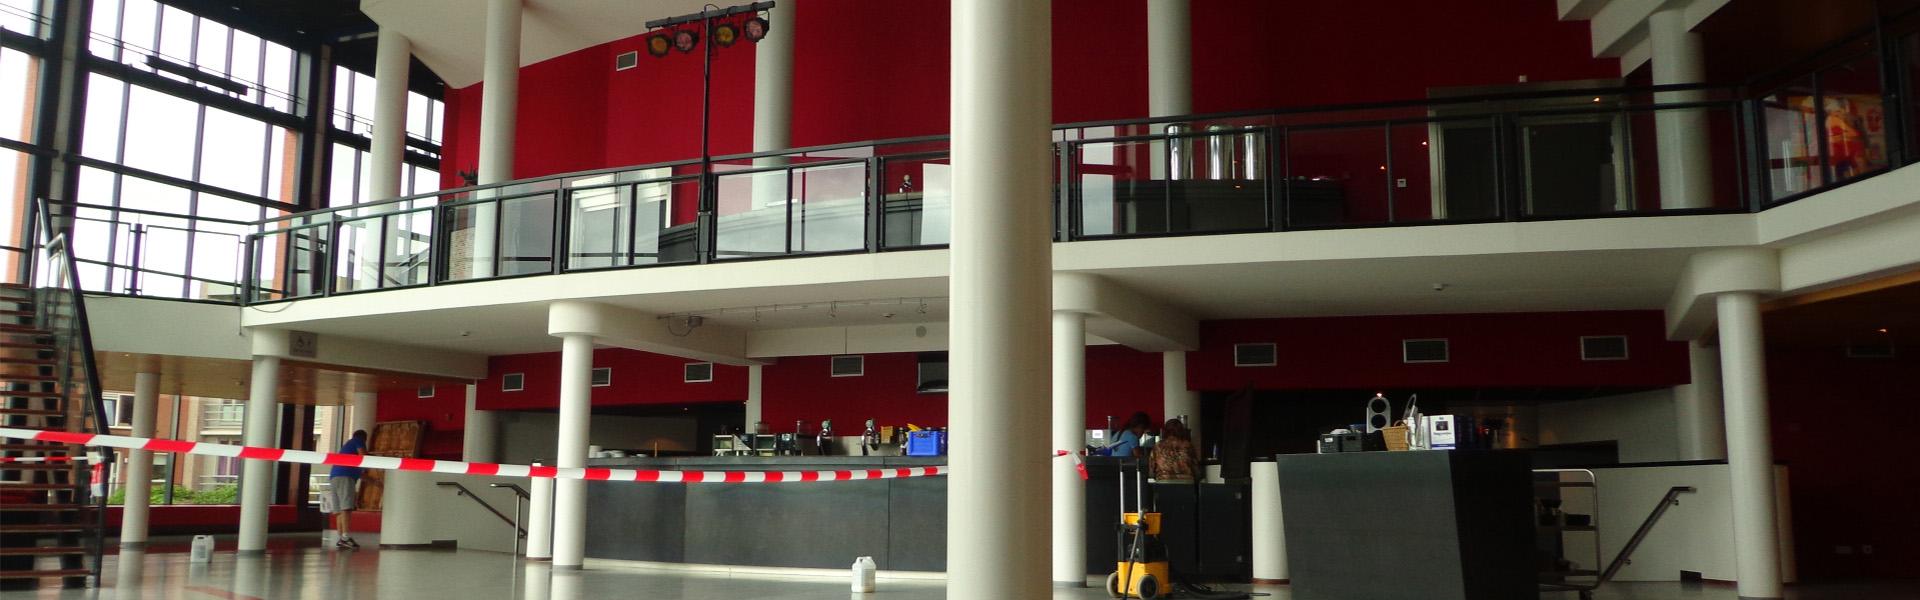 Zaantheater - foyer bestaand